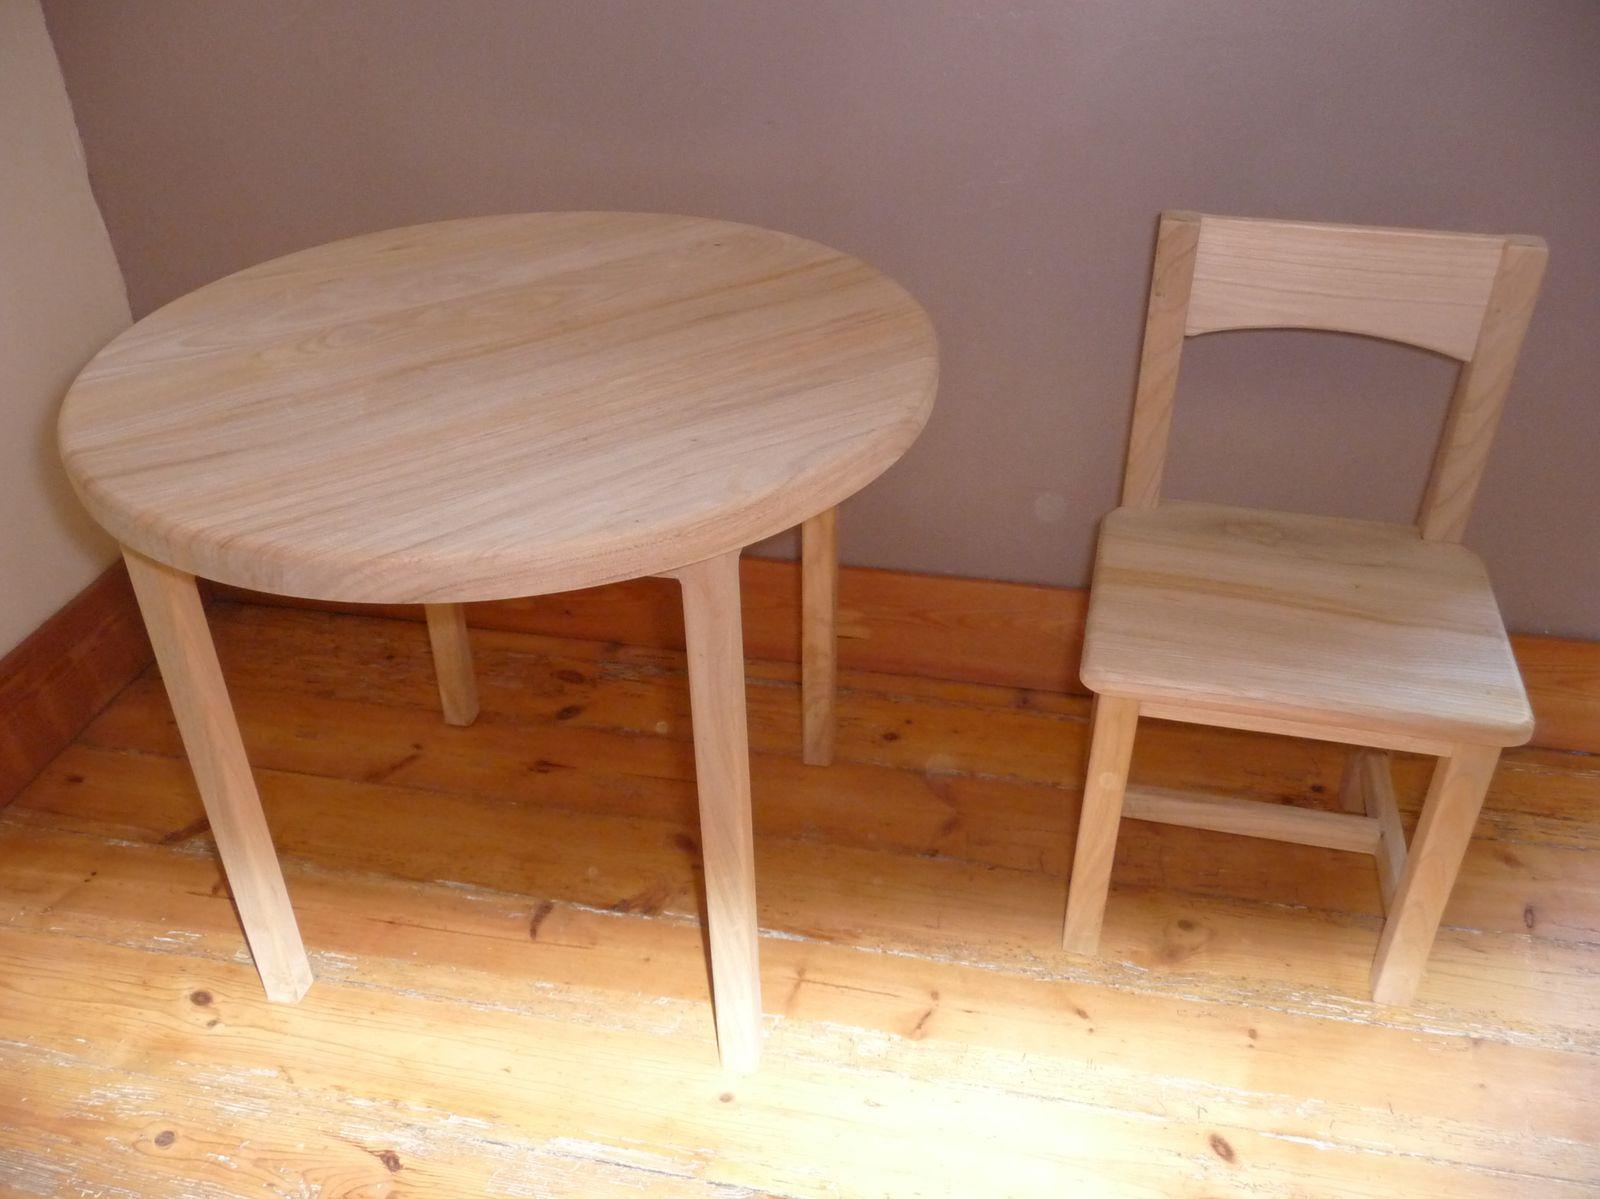 Petite table et chaise laur loula jouets en bois naturel for Table et chaise petite fille